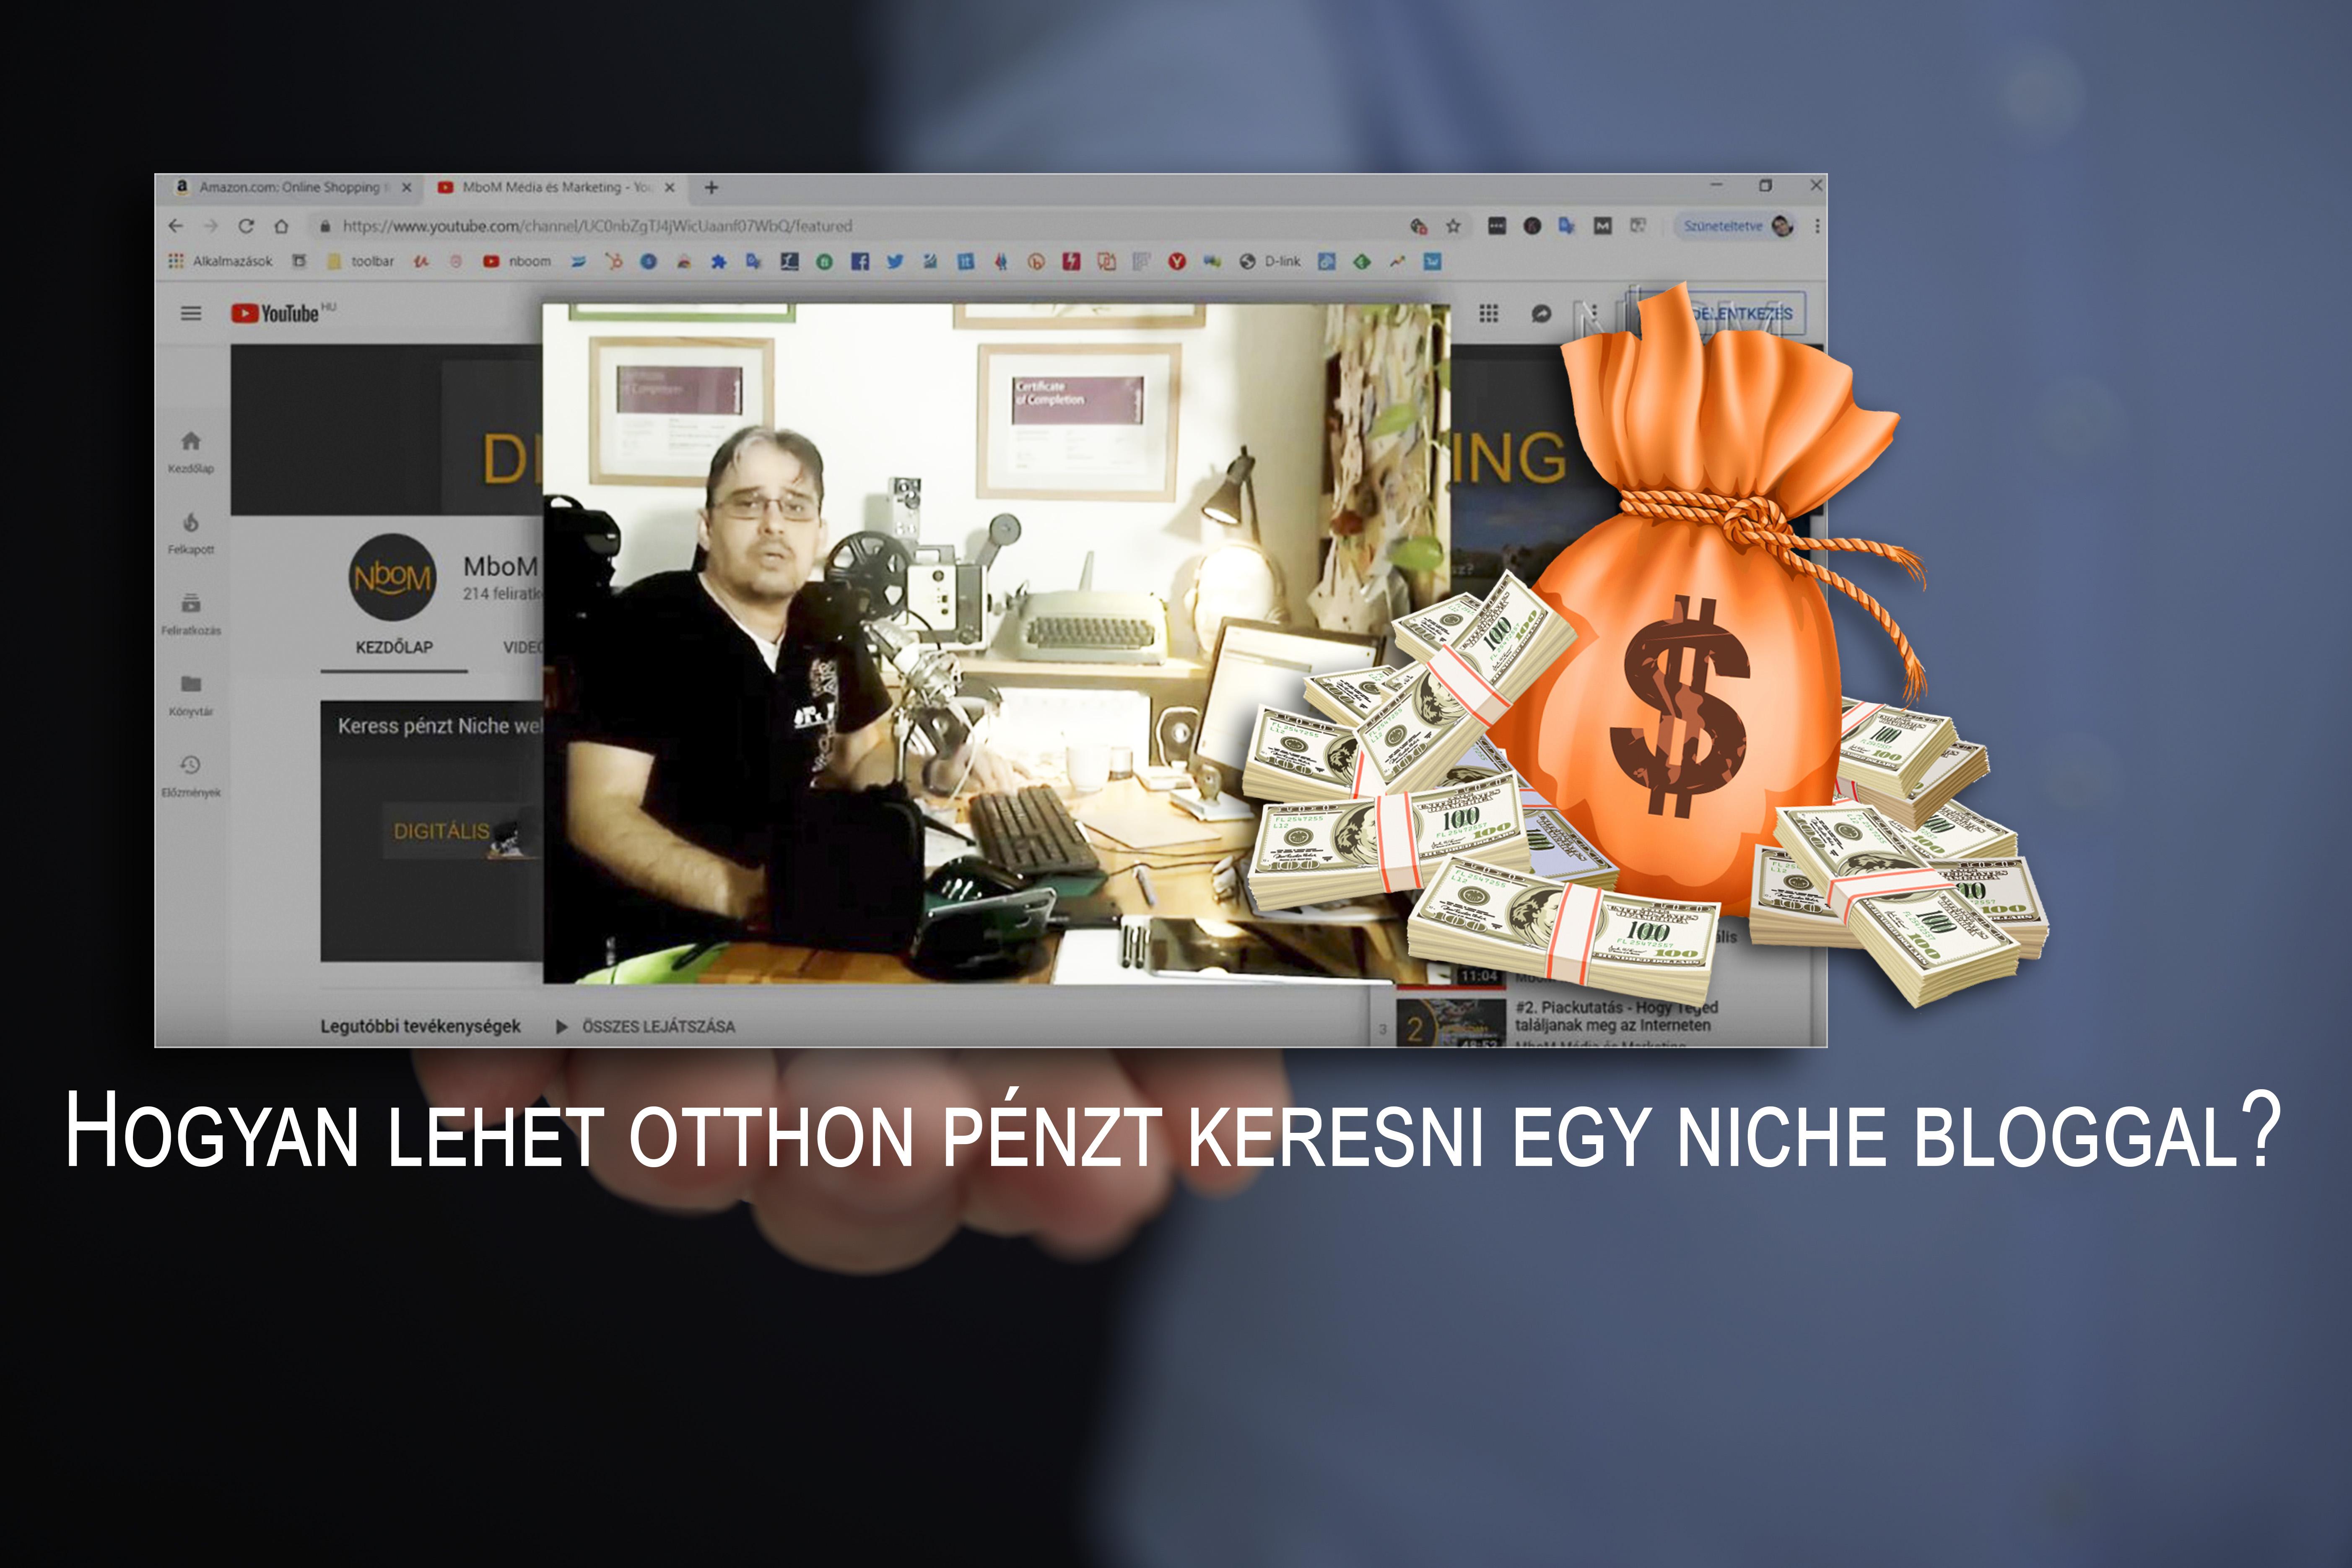 nagy pénzt keresni könnyű)